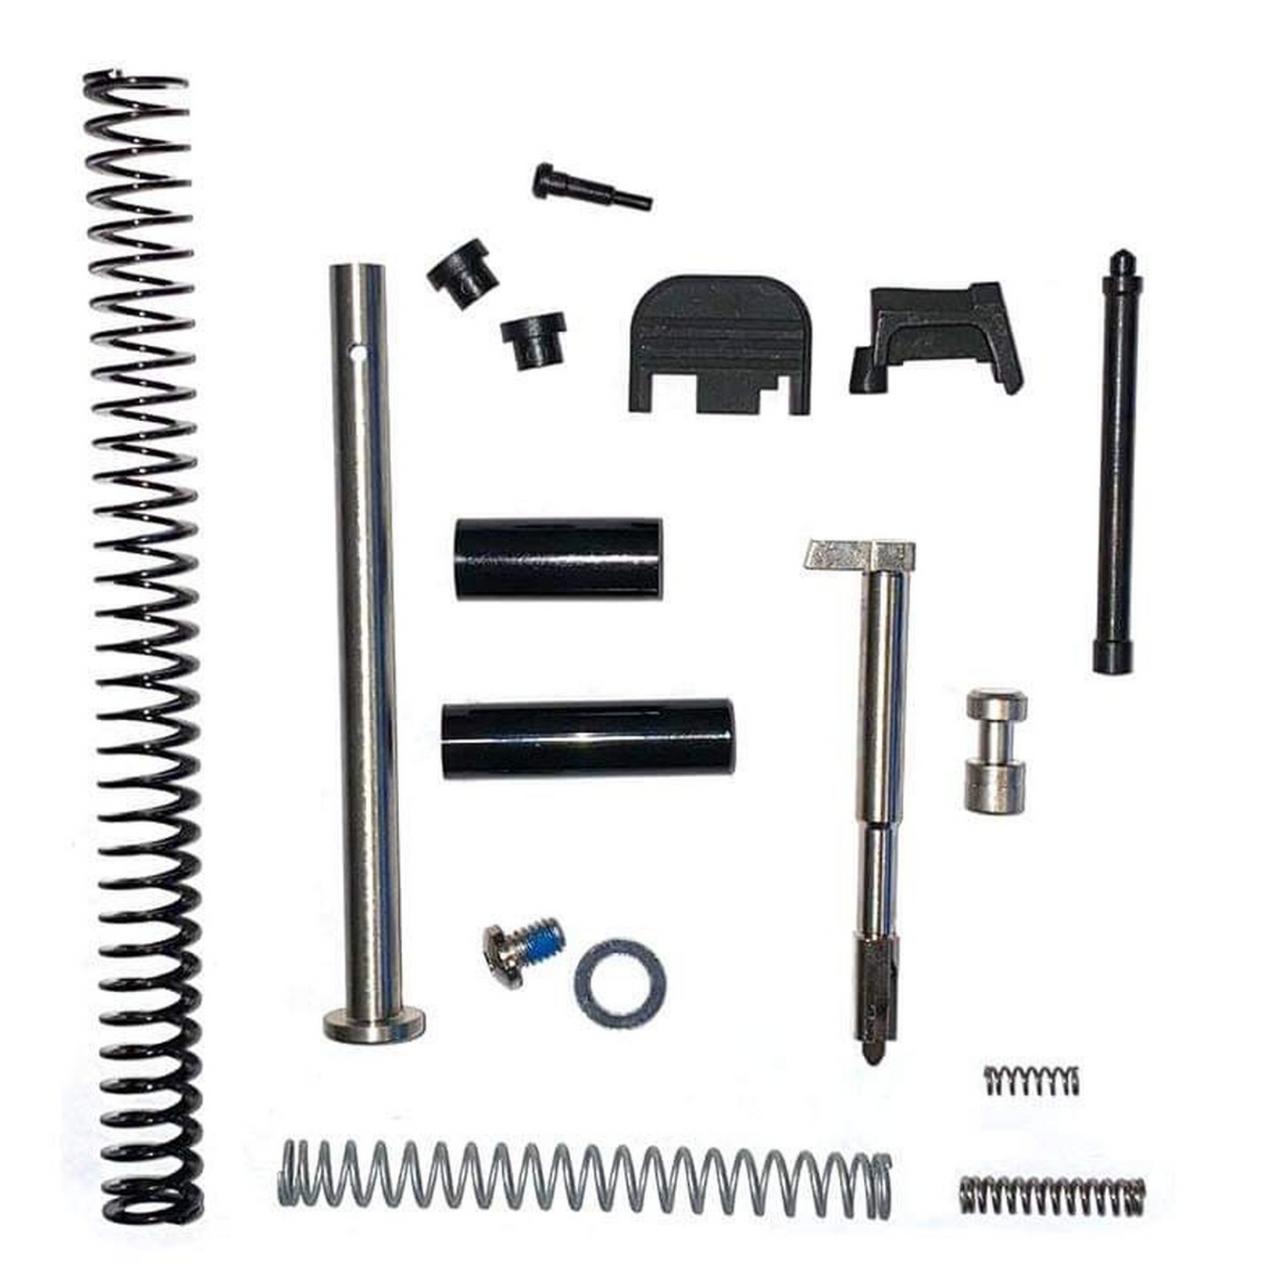 Glock 19 Slide kit